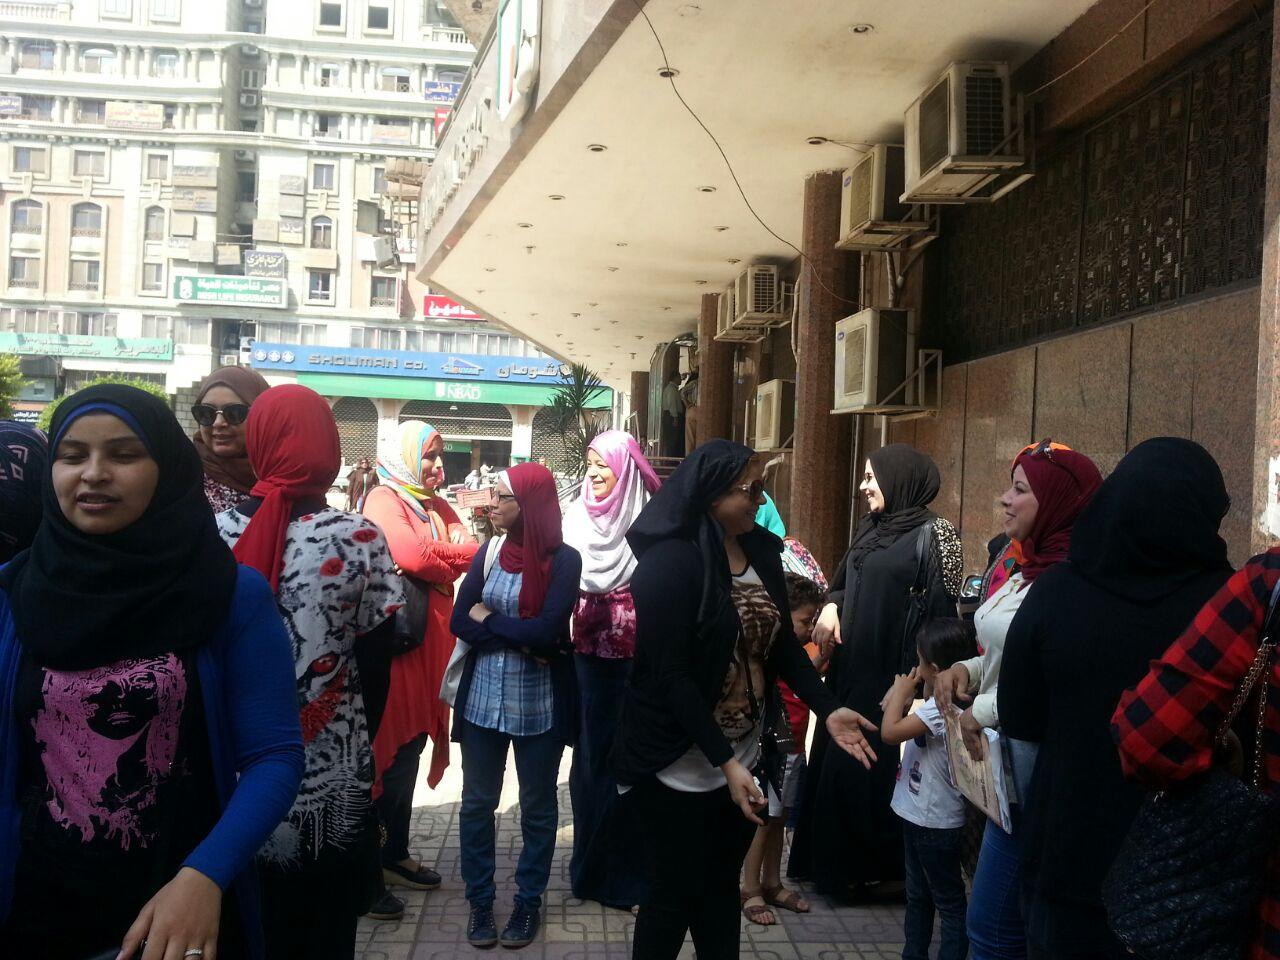 بالصور.. وقفة احتجاجية لأولياء أمور أمام ديوان الدقهلية لرفض تنسيق رياض الأطفال